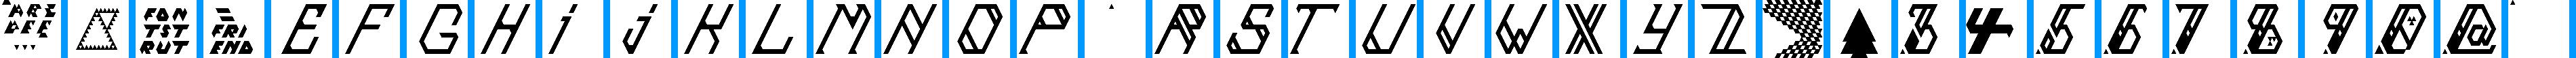 Particip-a-type v.332